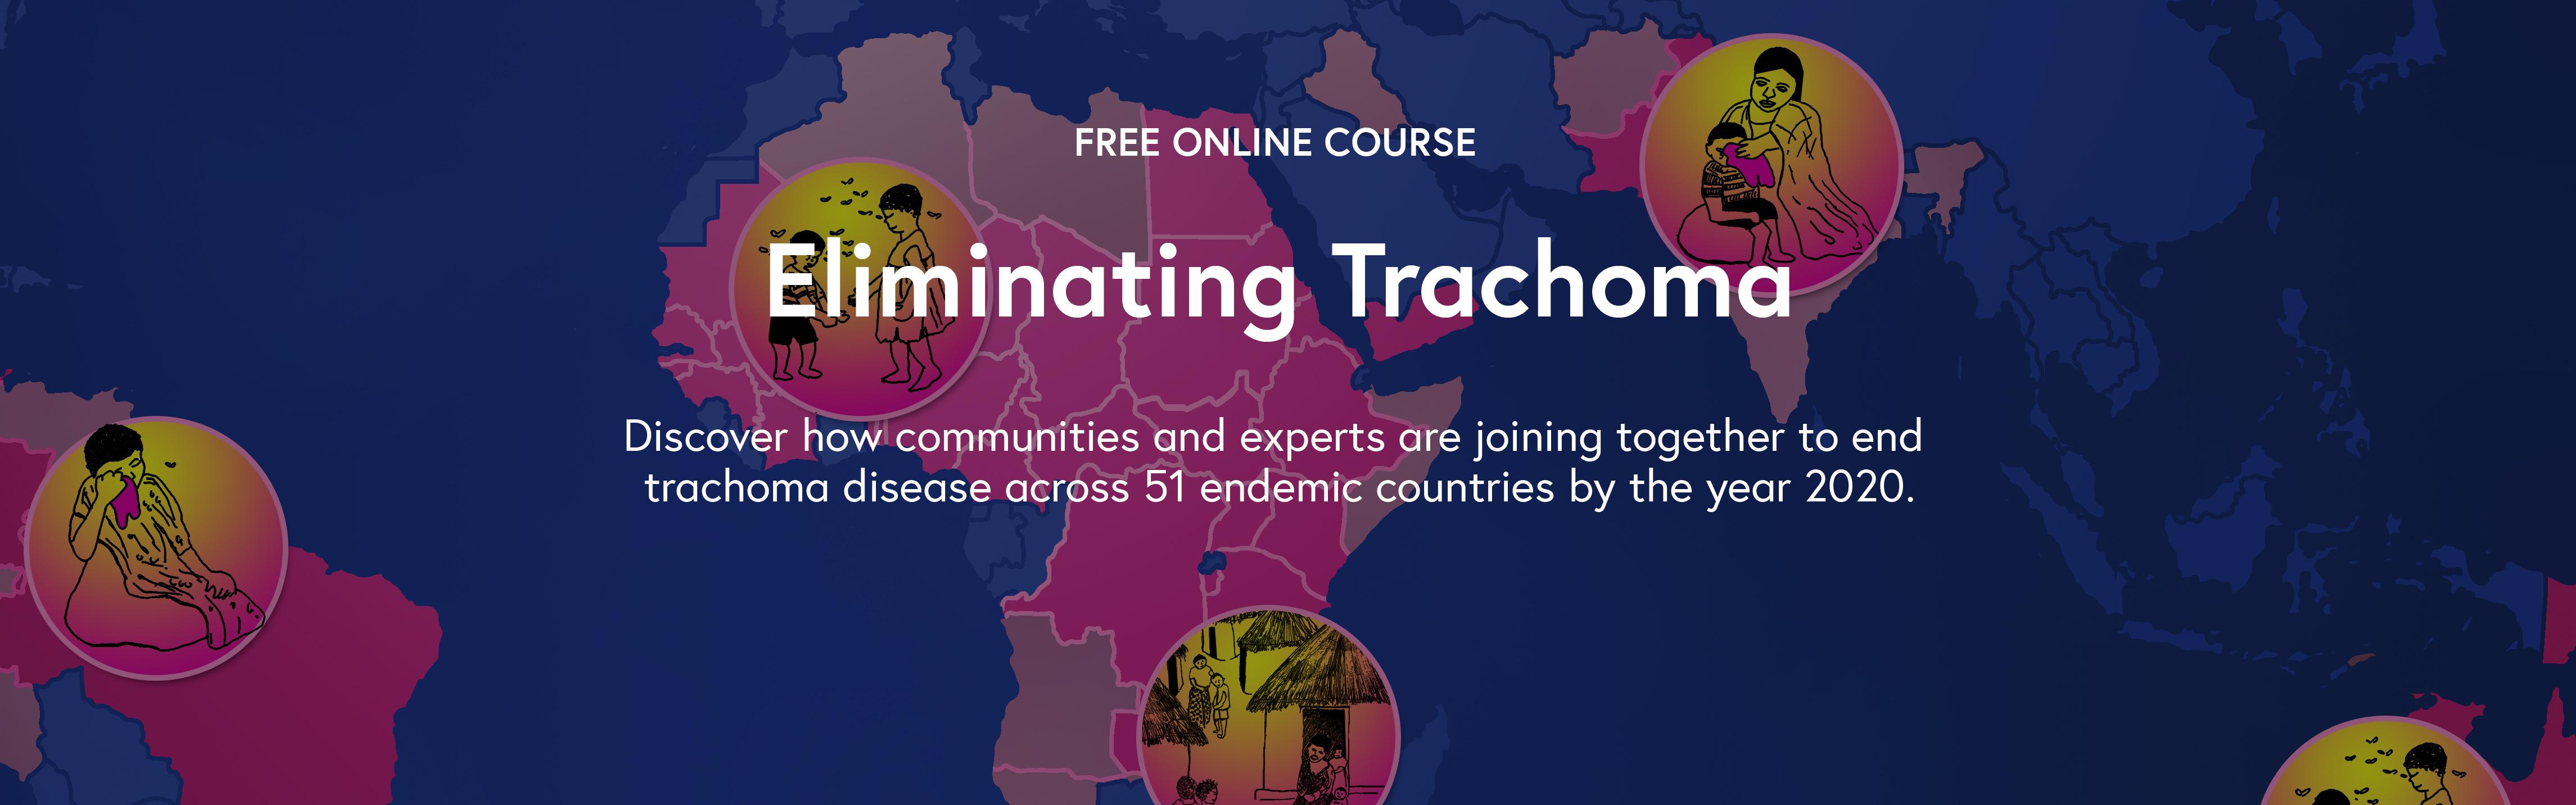 Eliminating Trachoma